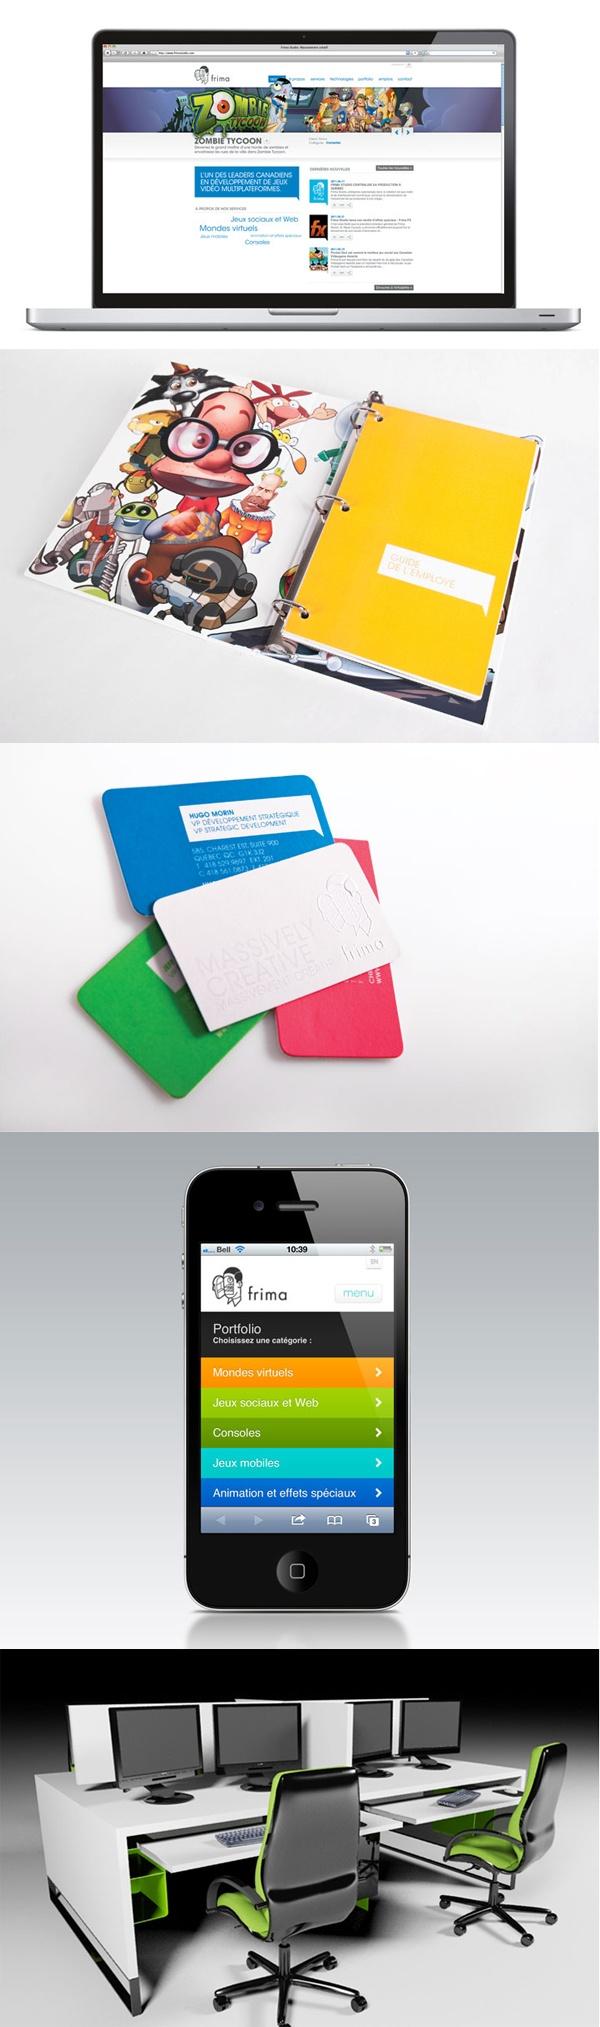 Client : Frima Studio - Campagne institutionnelle, design graphique, image de marque, outils corporatifs, design industriel, site Web, design d'espace.